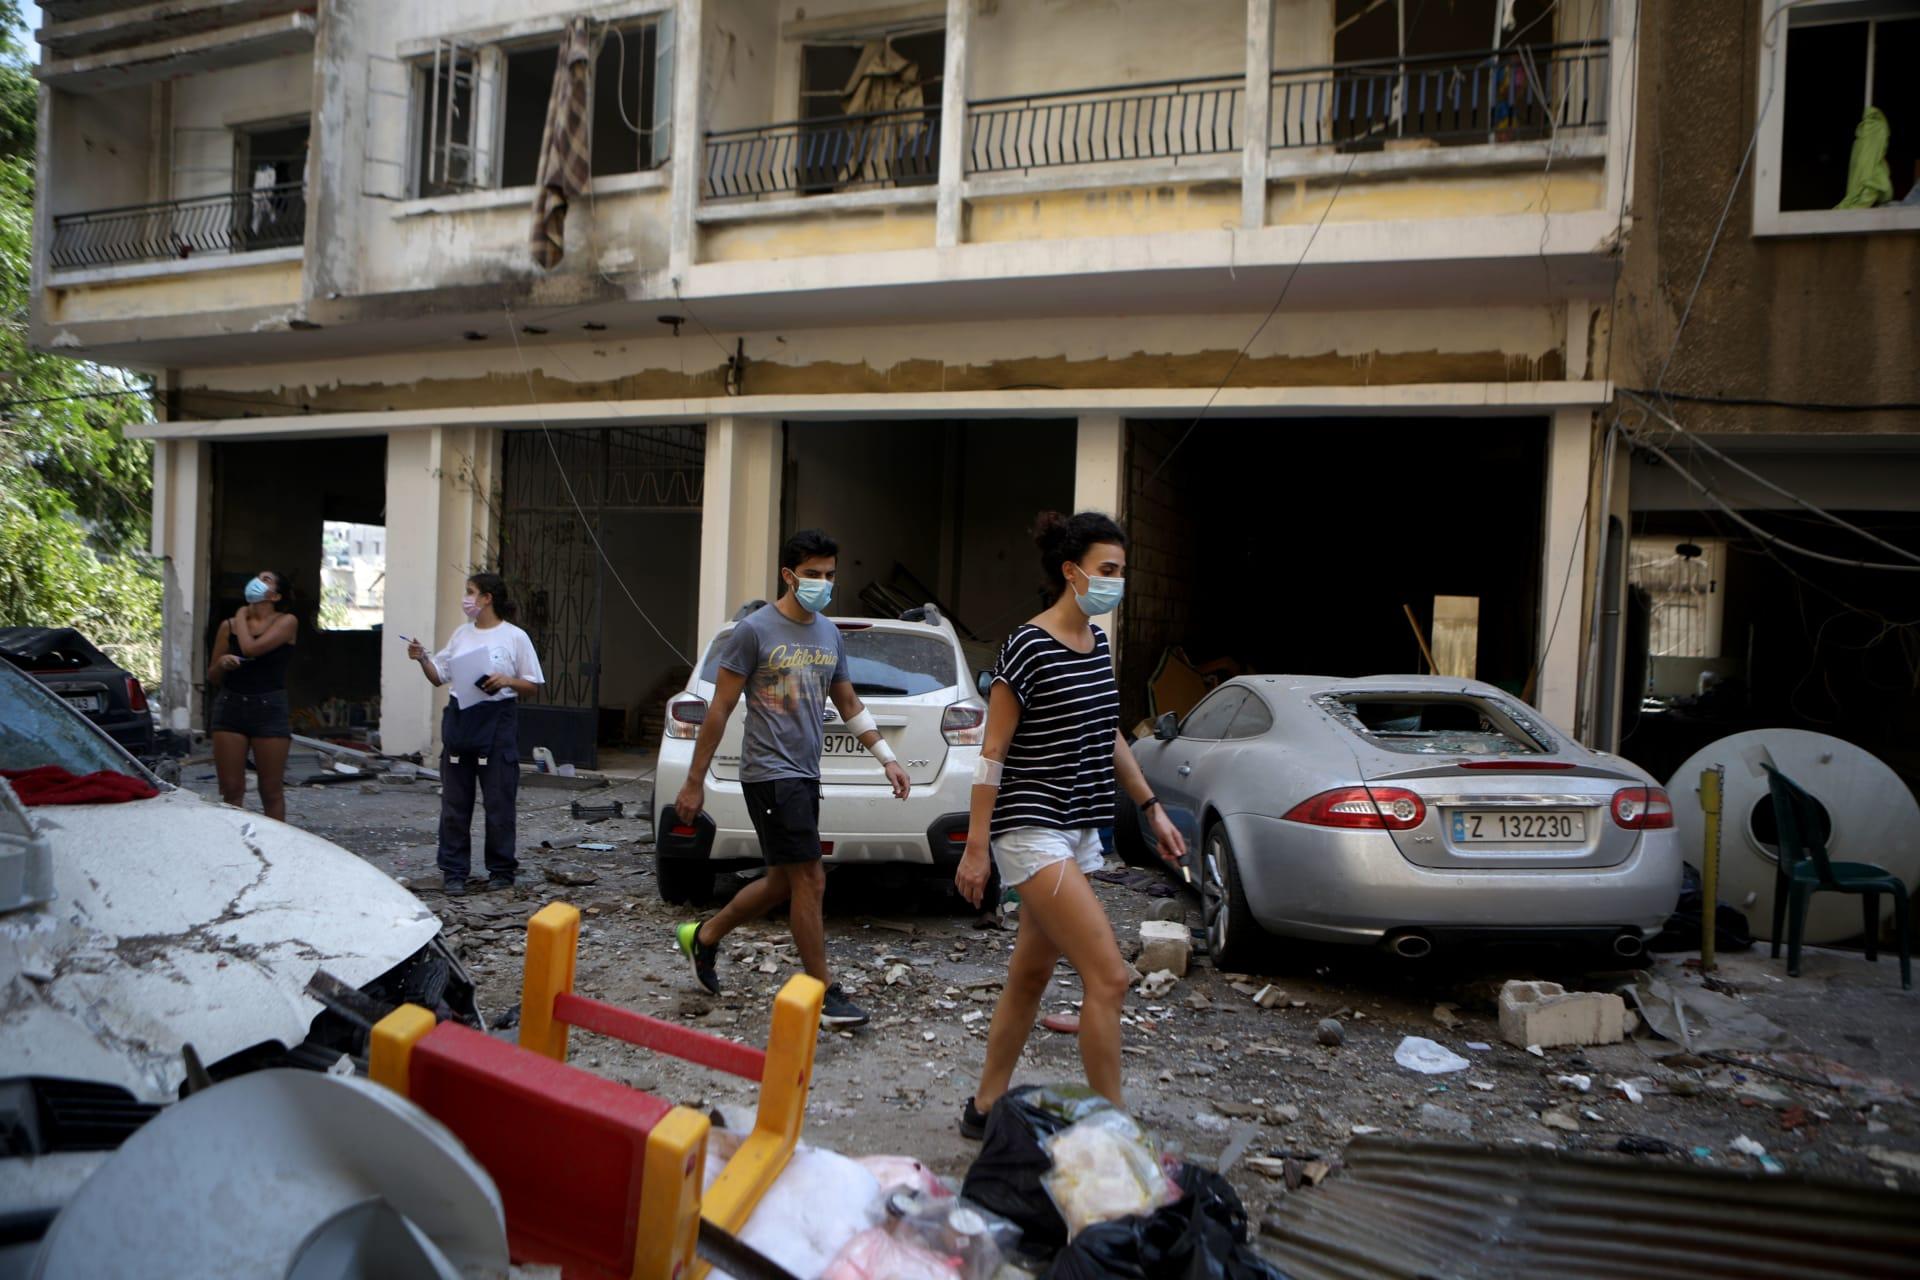 شارع مار مخايل المتضرر من تفجير مرفأ بيروت